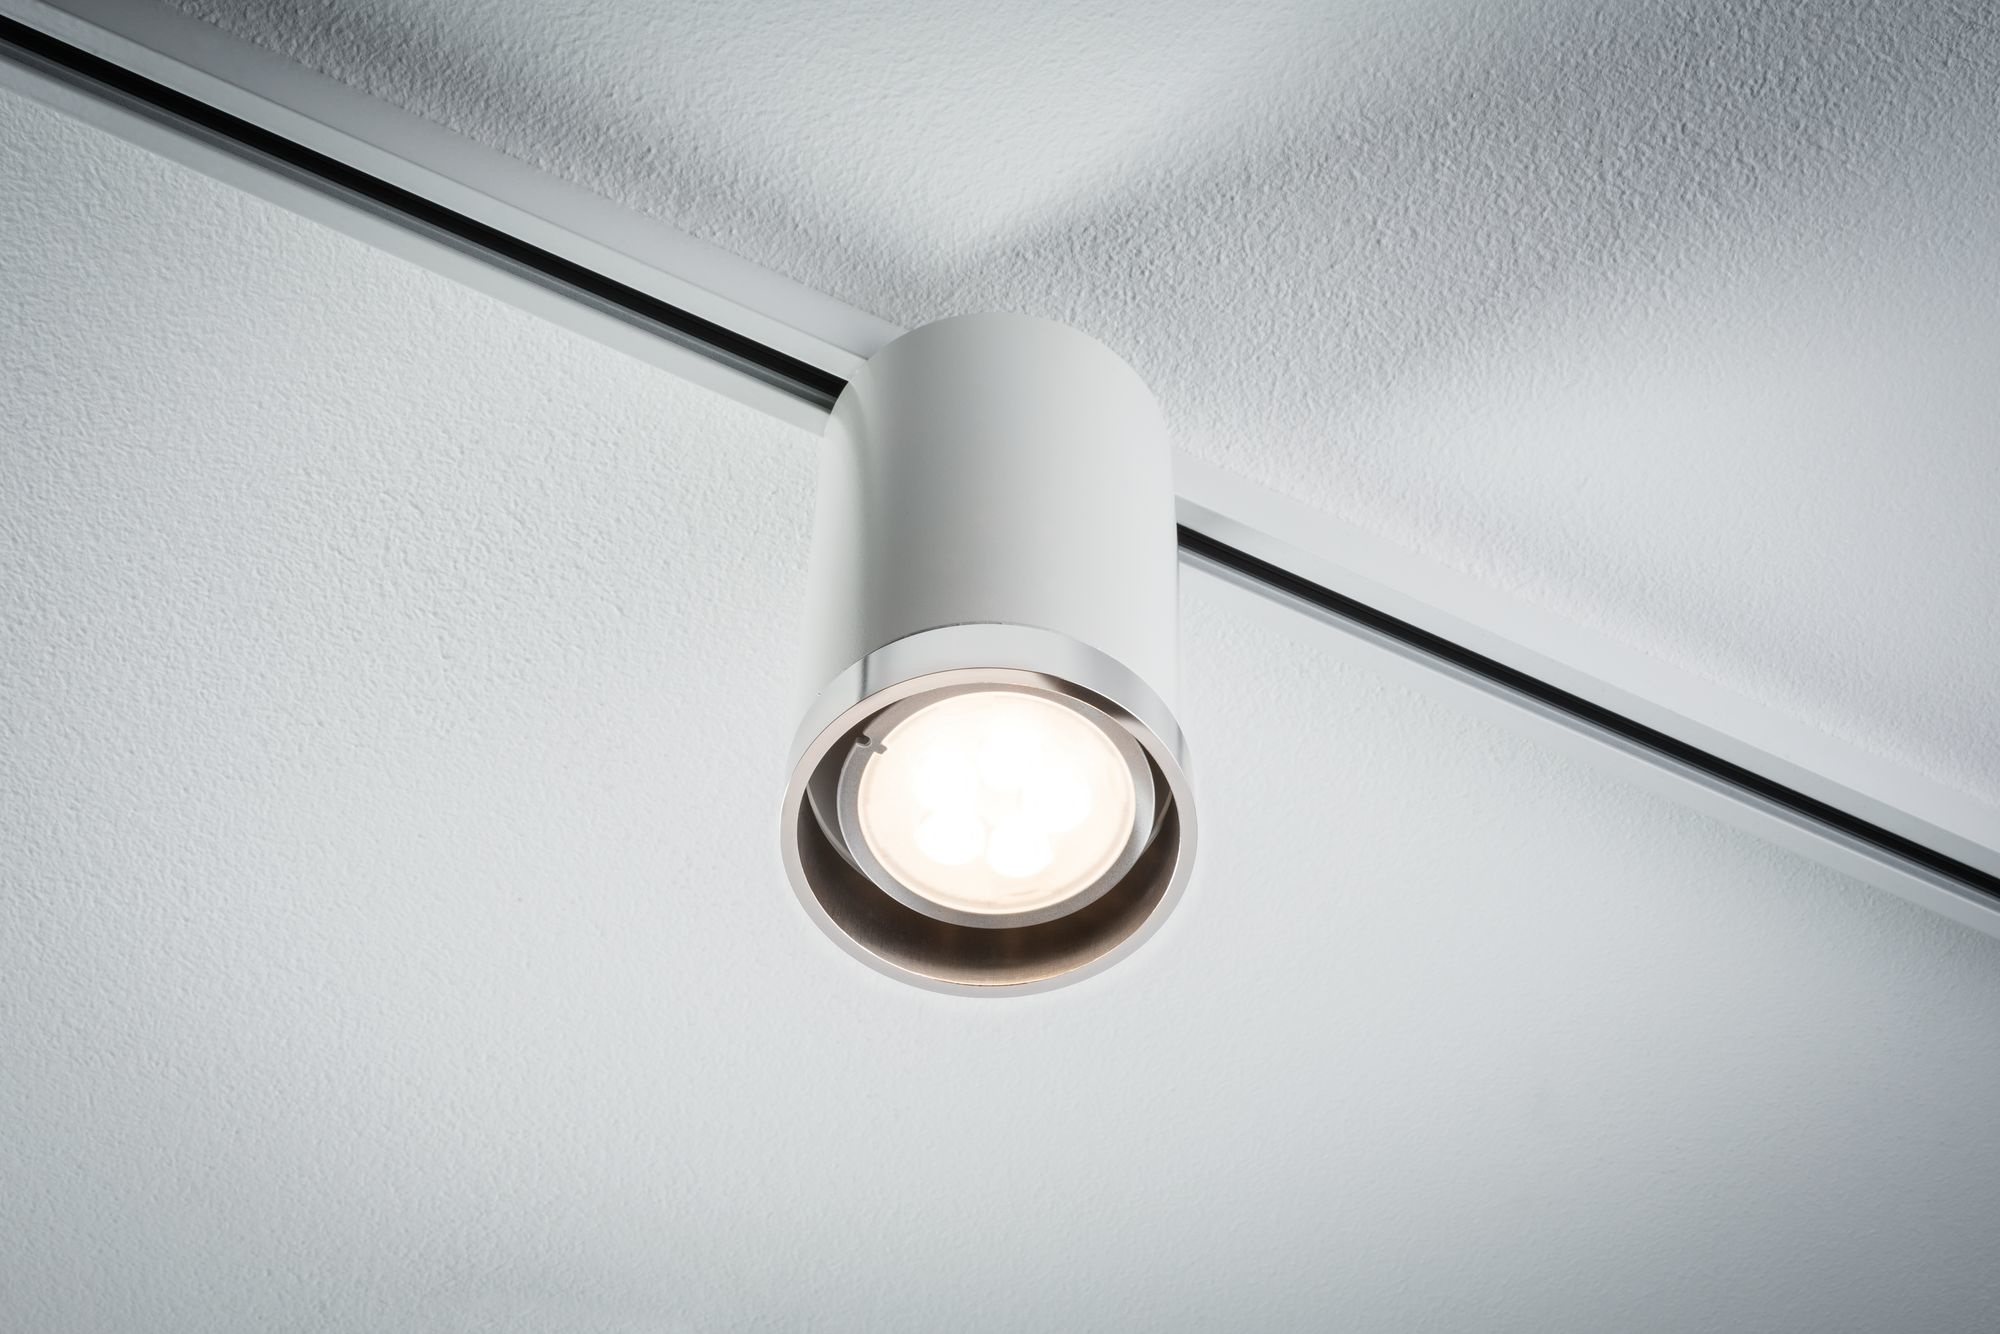 Paulmann URail Spot Tube Weiß#Chrom matt max. 1x10W GU10 ohne Leuchtmittel